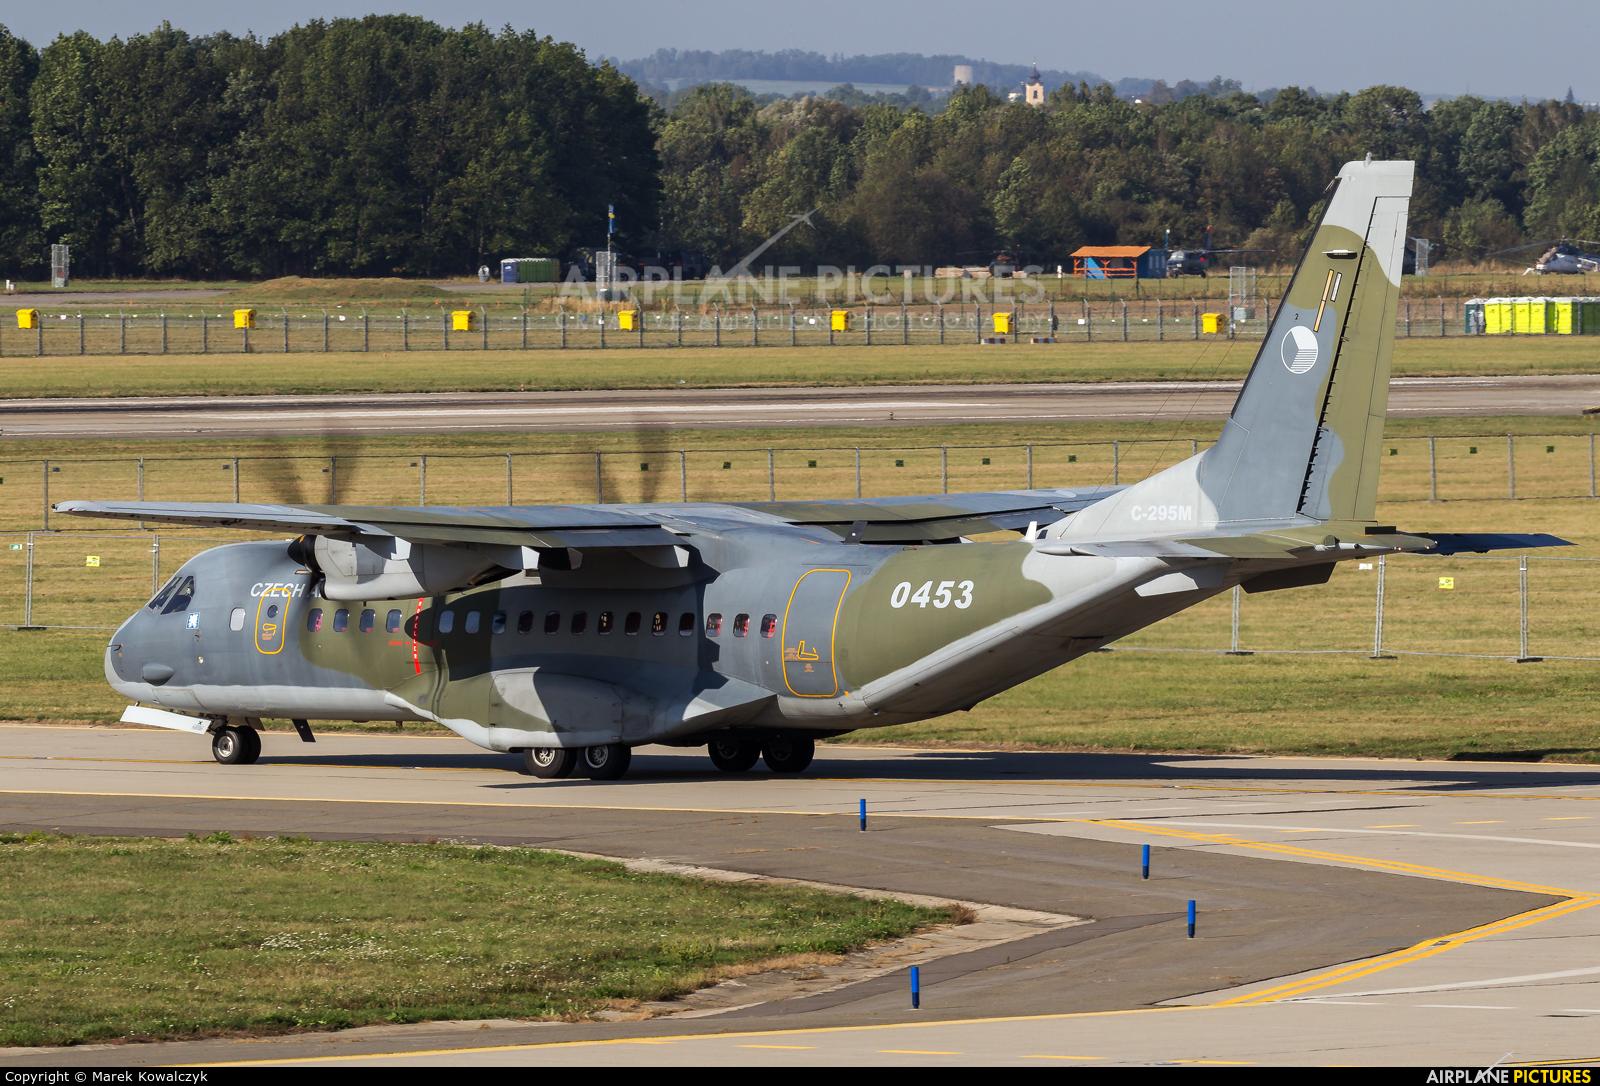 Czech - Air Force 0453 aircraft at Ostrava Mošnov